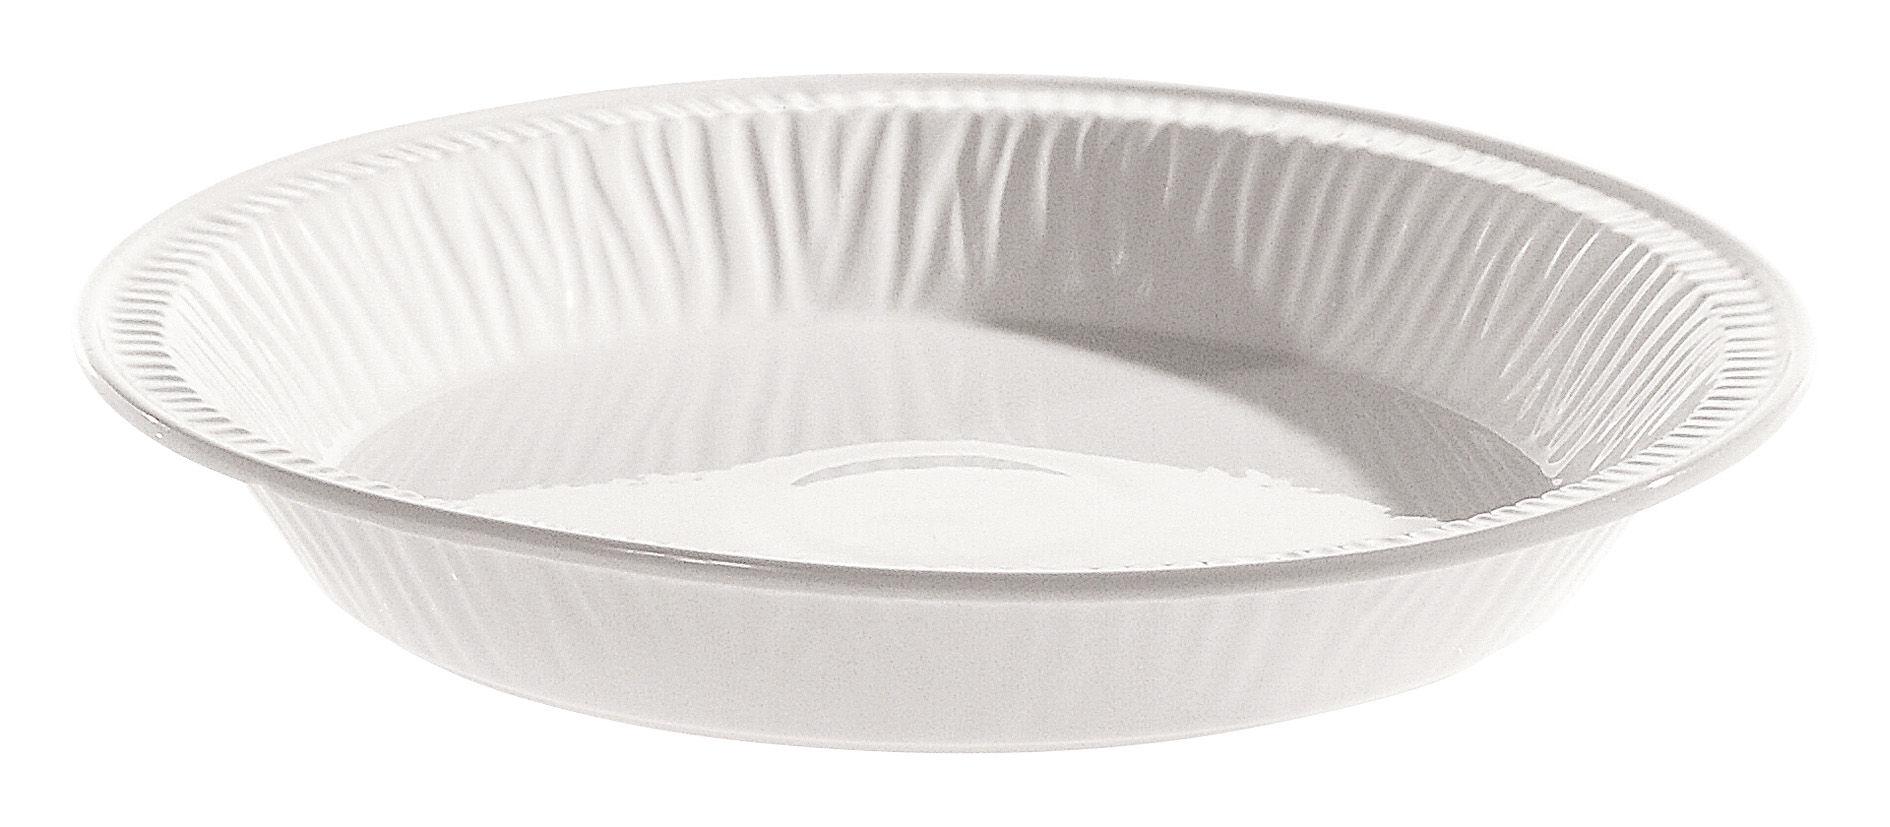 Arts de la table - Assiettes - Assiette creuse Estetico quotidiano Ø 23 cm - En porcelaine - Seletti - Blanc / Assiette creuse Ø 23 cm - Porcelaine